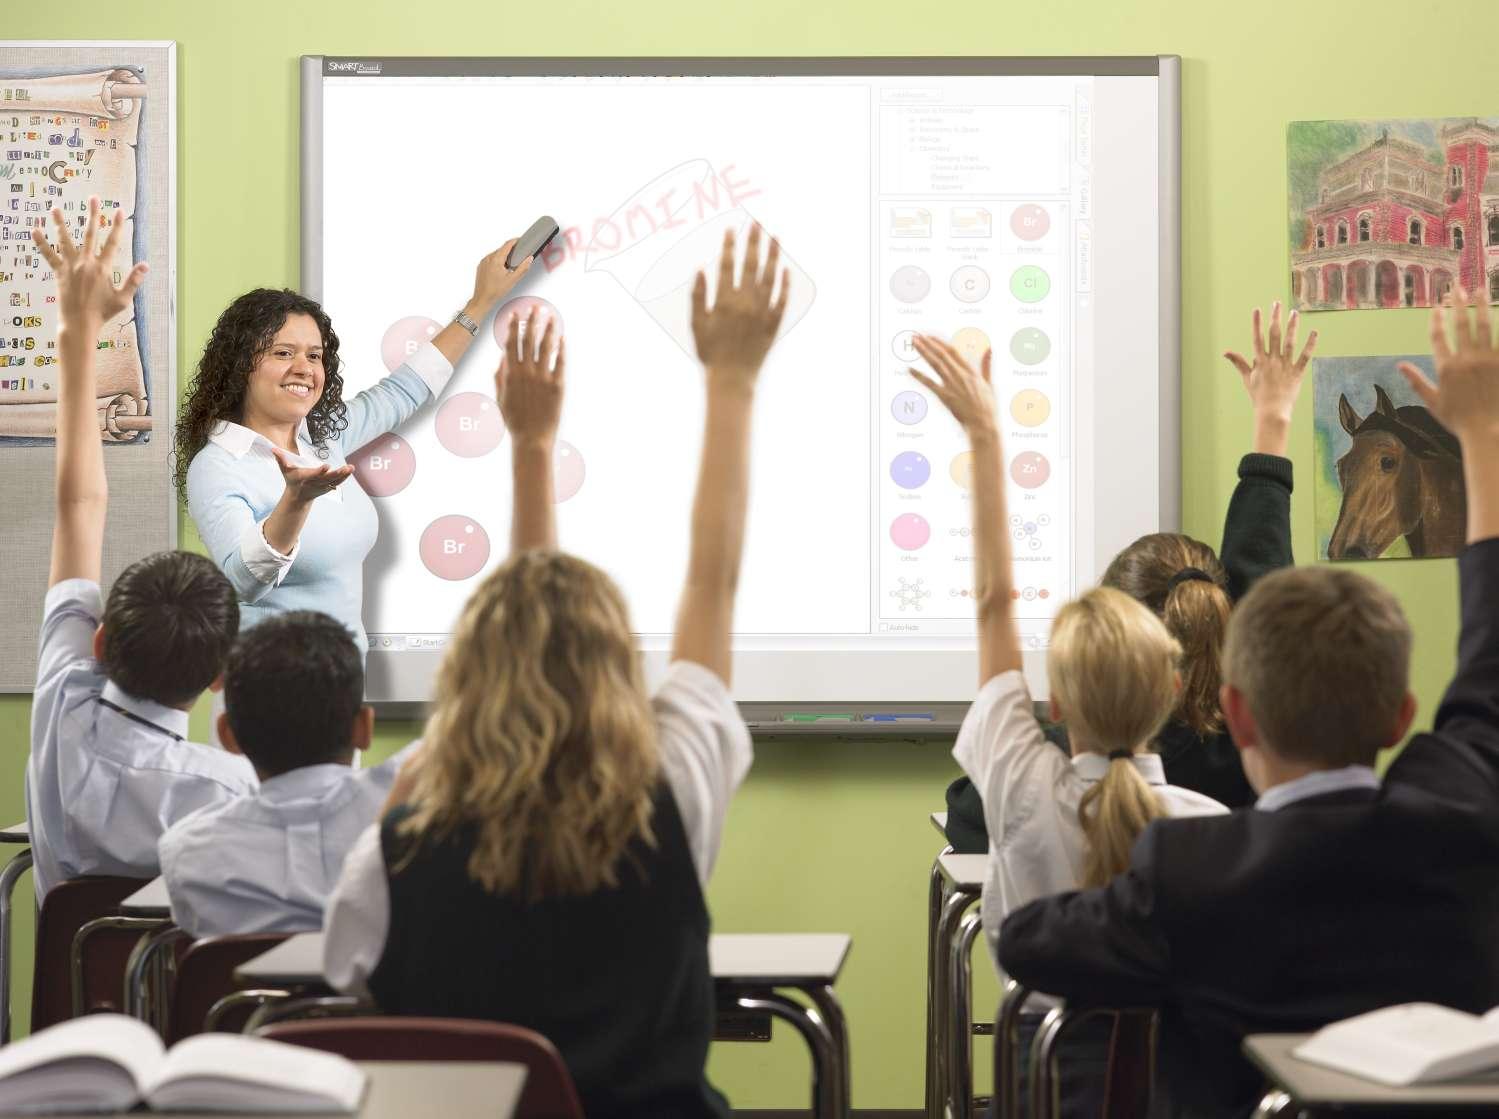 Учительница отдалась ученику в учительськой 18 фотография